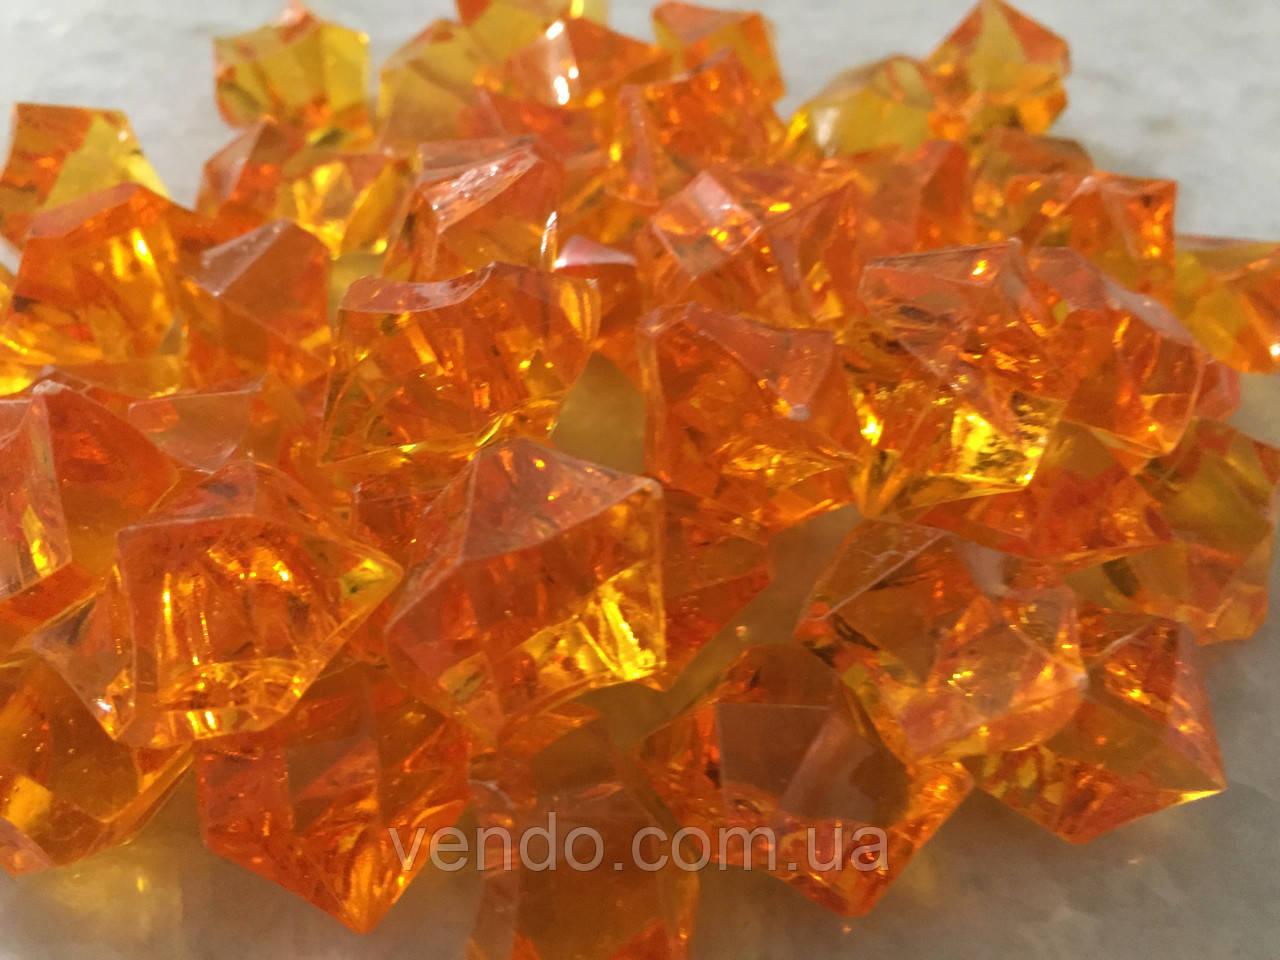 Кристаллы камни декоративные осколки 1,5х1,5 см оранжевый